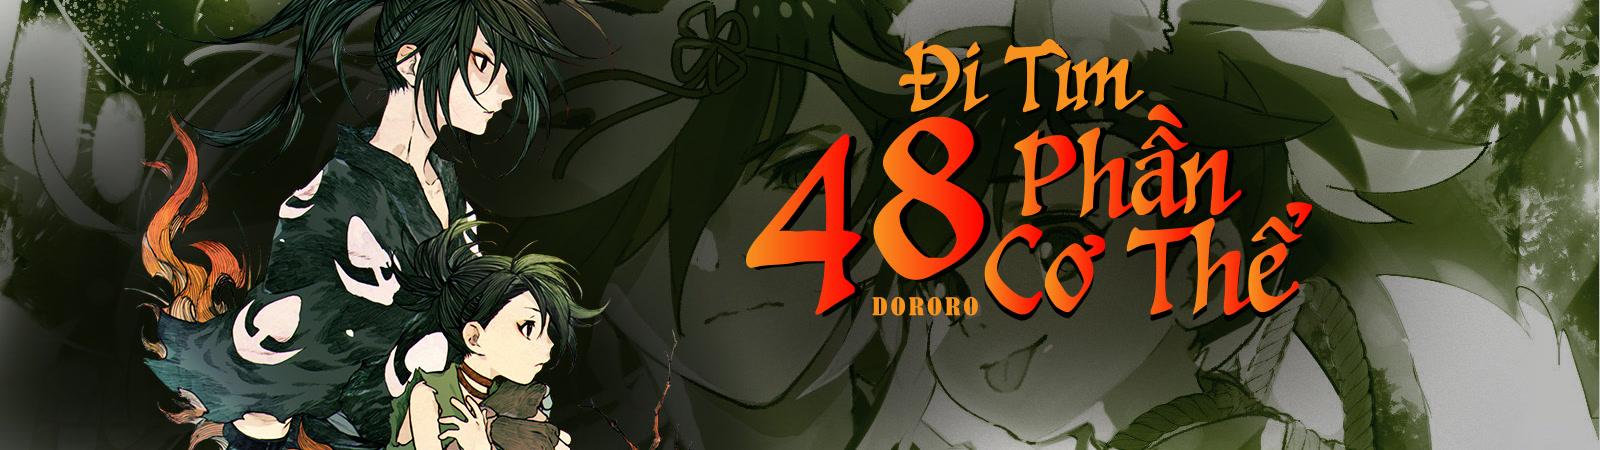 Dororo - Đi Tìm 48 Phần Cơ Thể